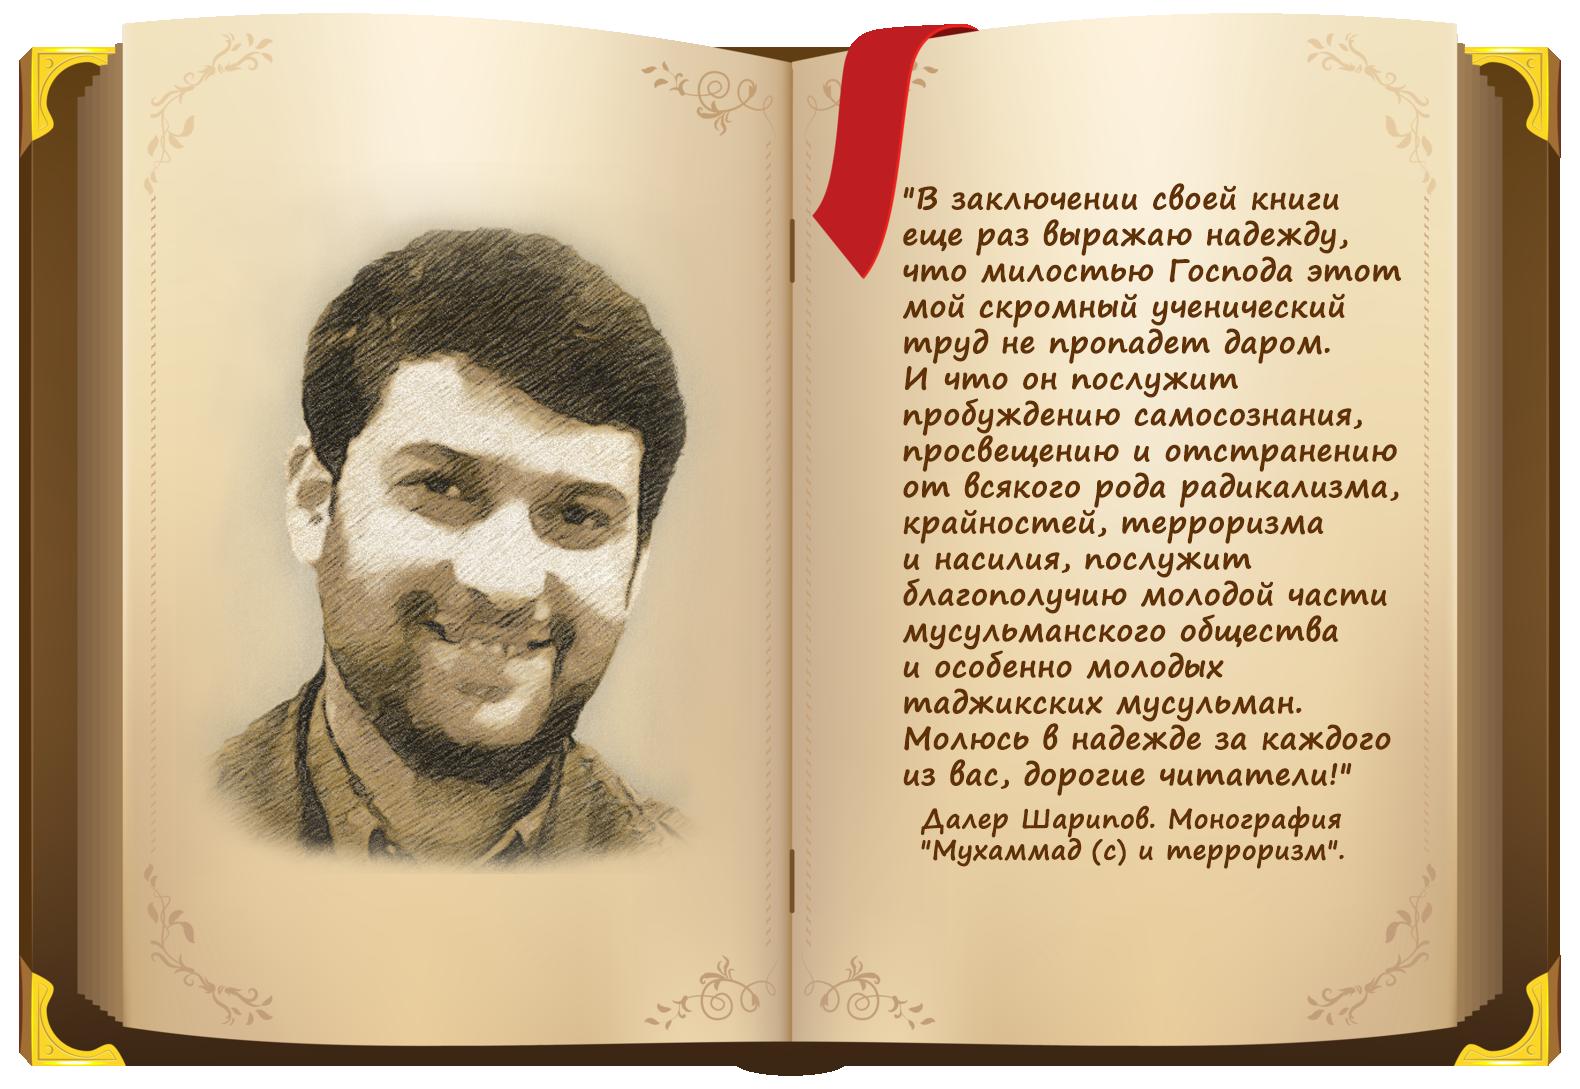 Amnesty International запустила акцию с призывом освободить Далера Шарифова